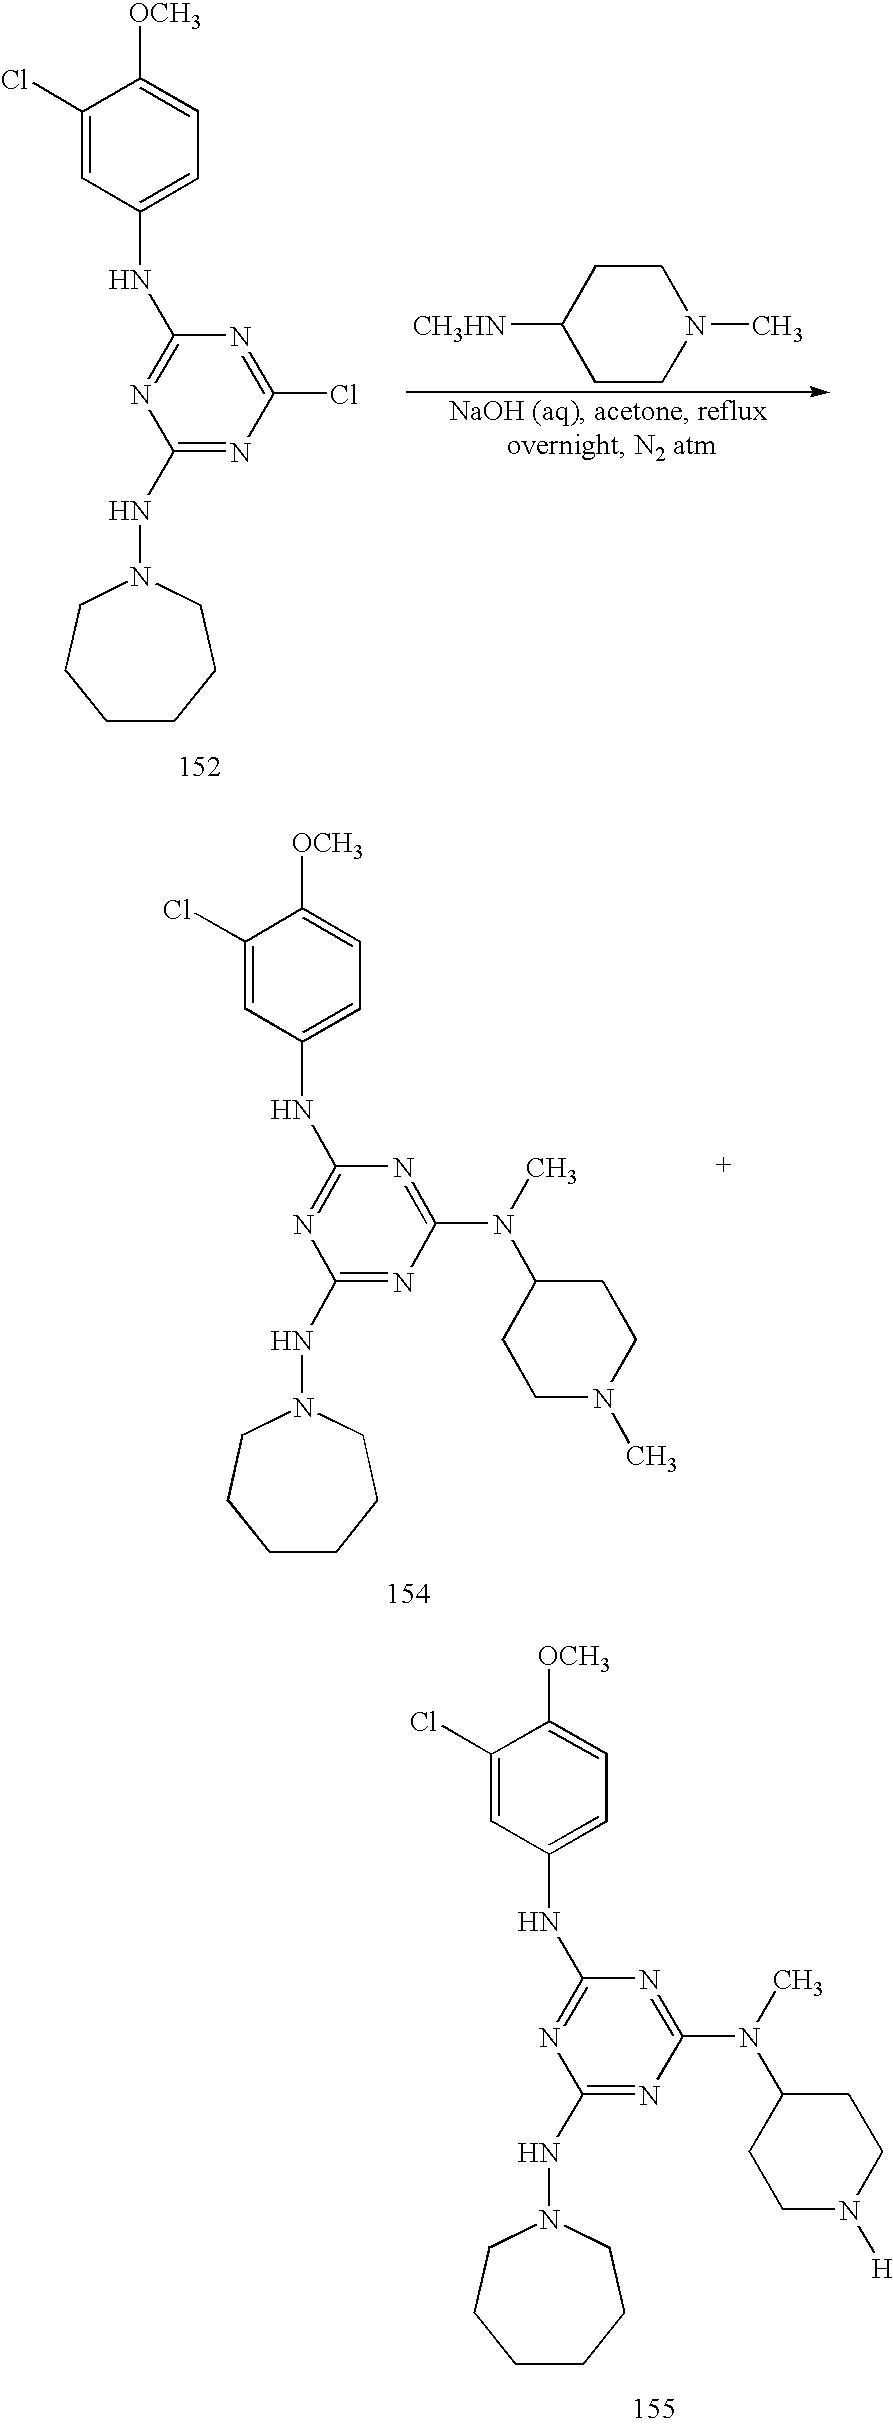 Figure US20050113341A1-20050526-C00178